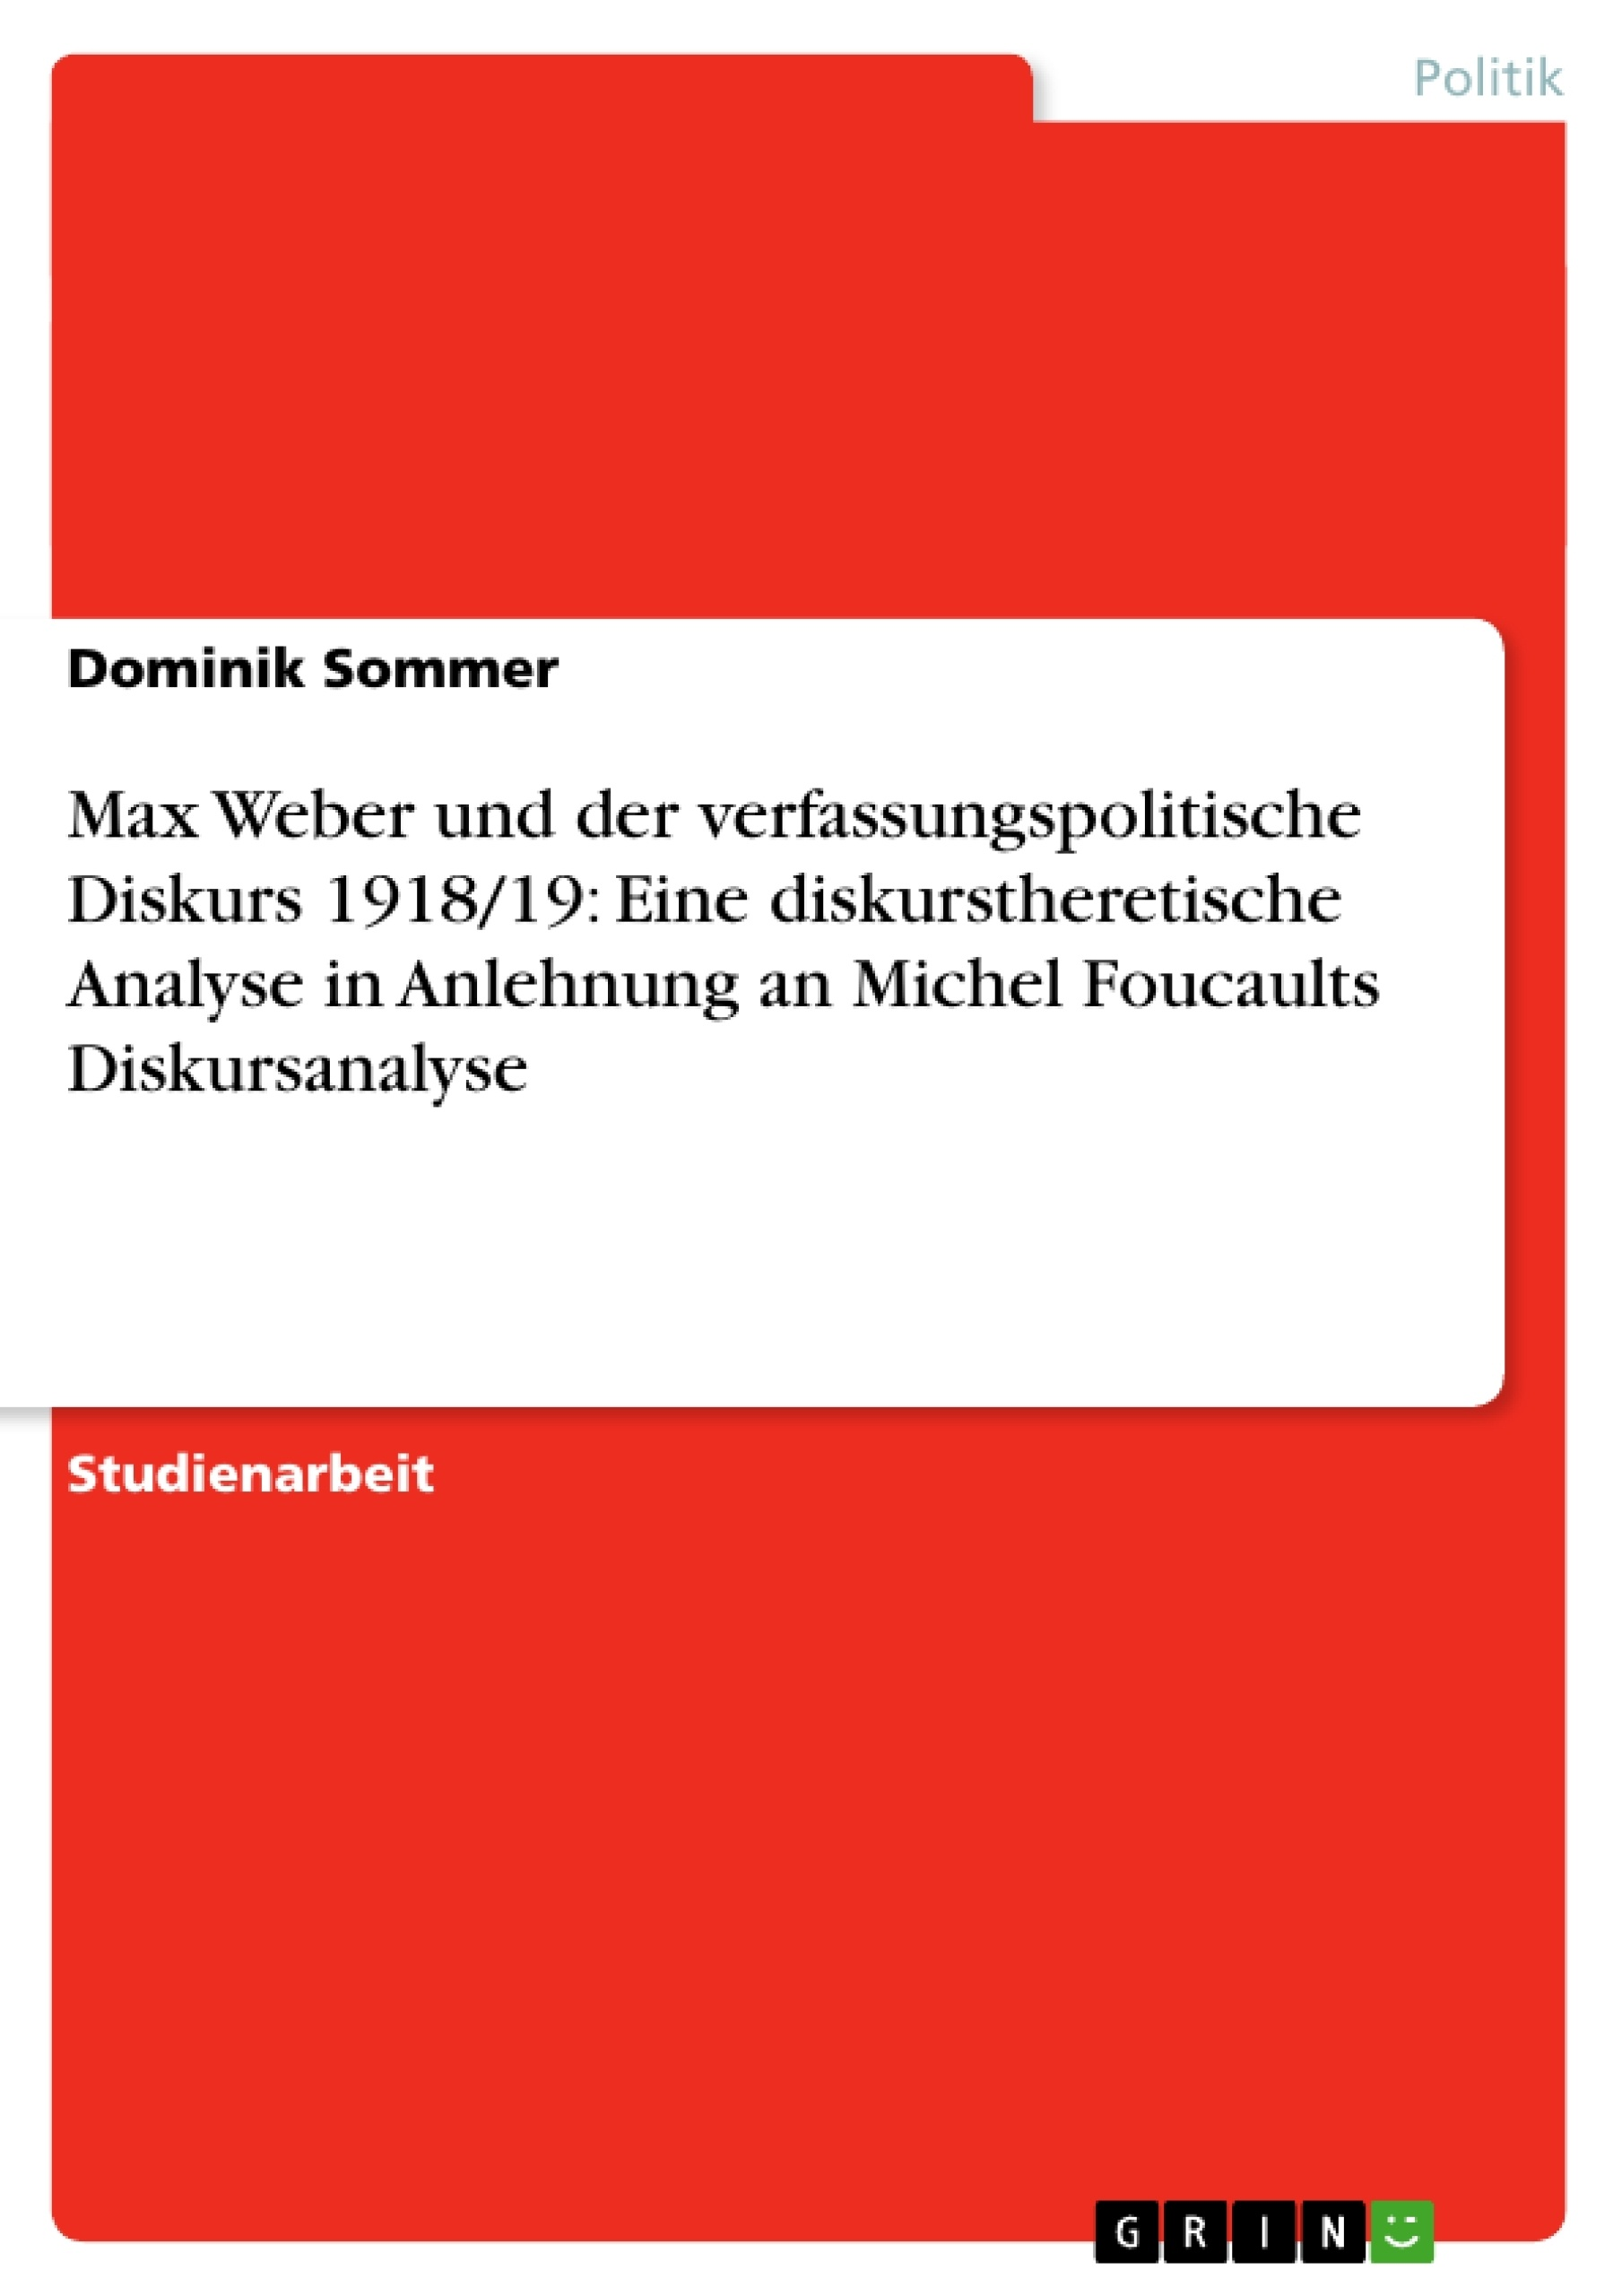 Titel: Max Weber und der verfassungspolitische Diskurs 1918/19: Eine diskurstheretische Analyse in Anlehnung an Michel Foucaults Diskursanalyse